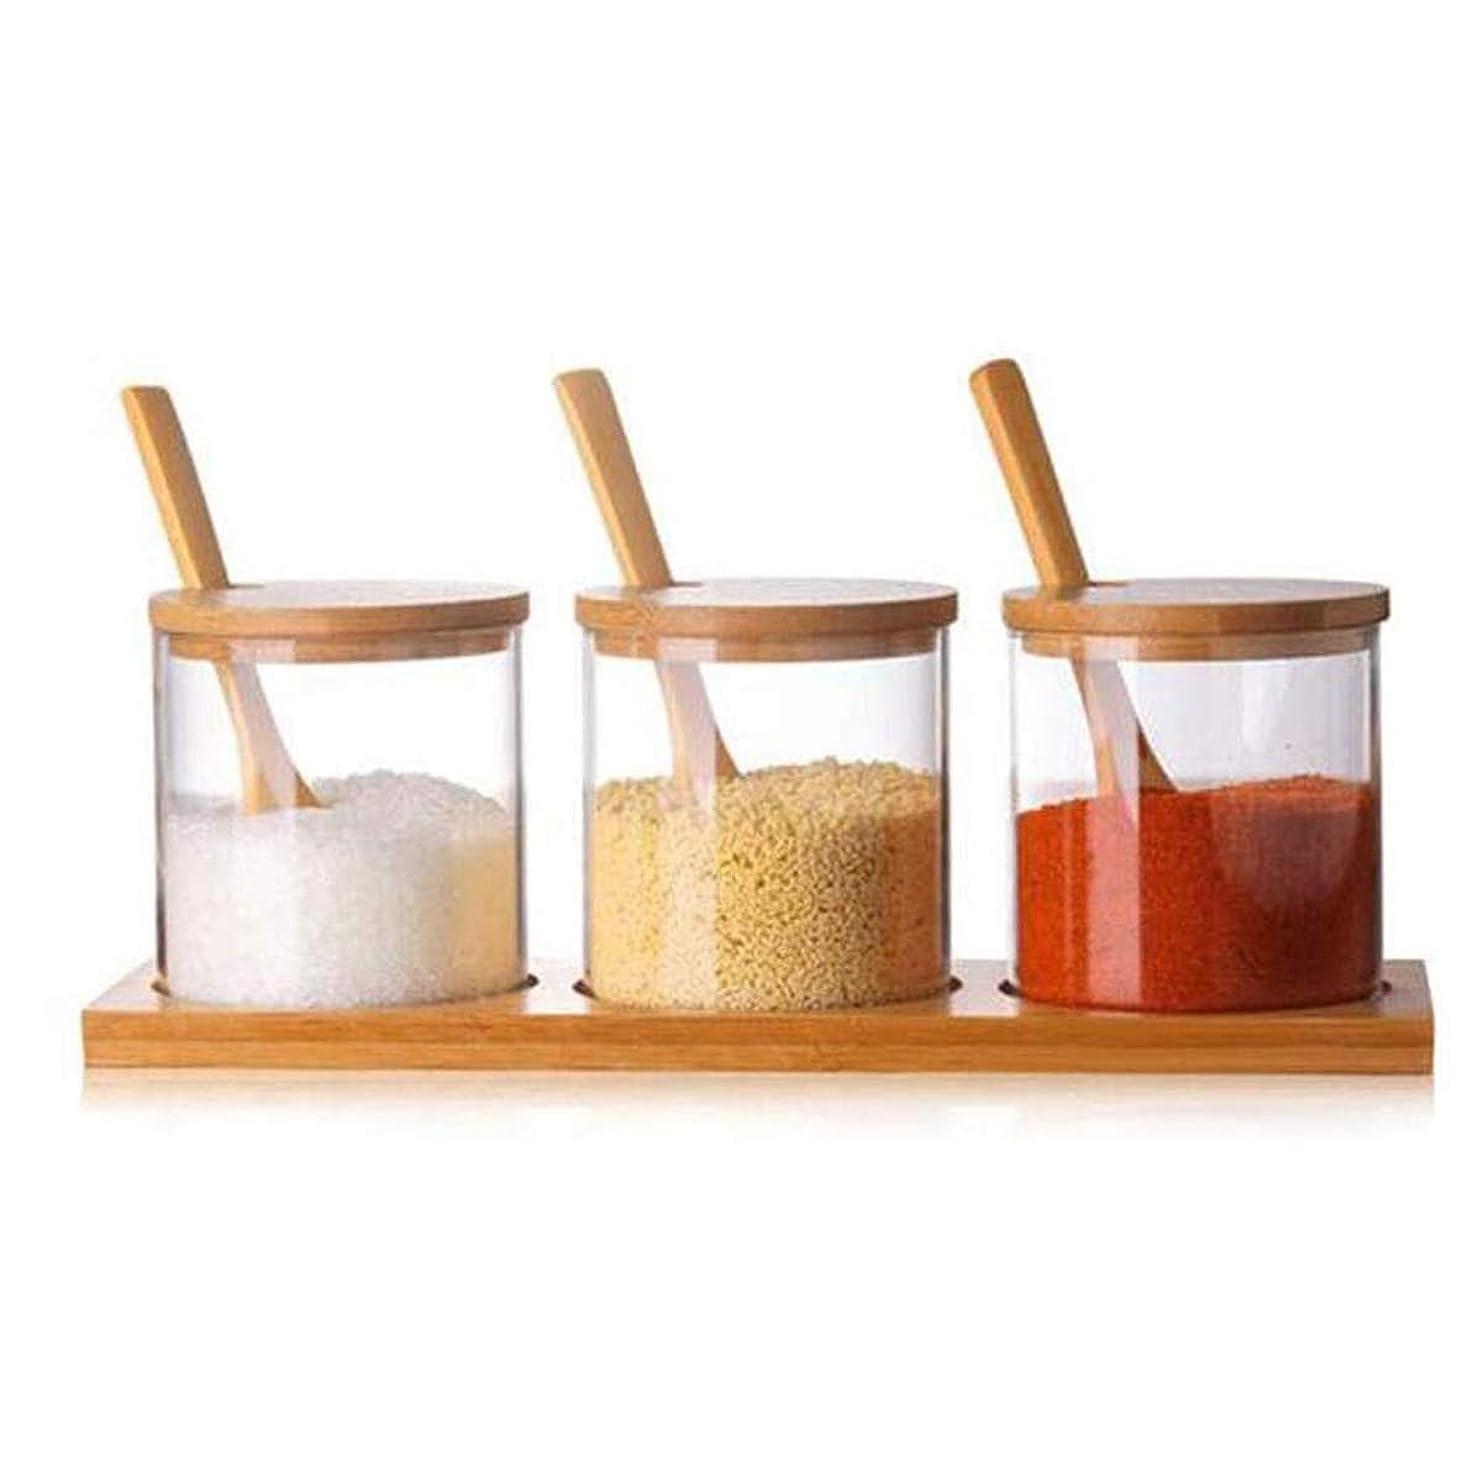 迷信色知り合い多目的世帯を含む透明ボックスは、国内のキッチン調理上部と下部の木製のスプーンで適切な一緒にスパイススパイス